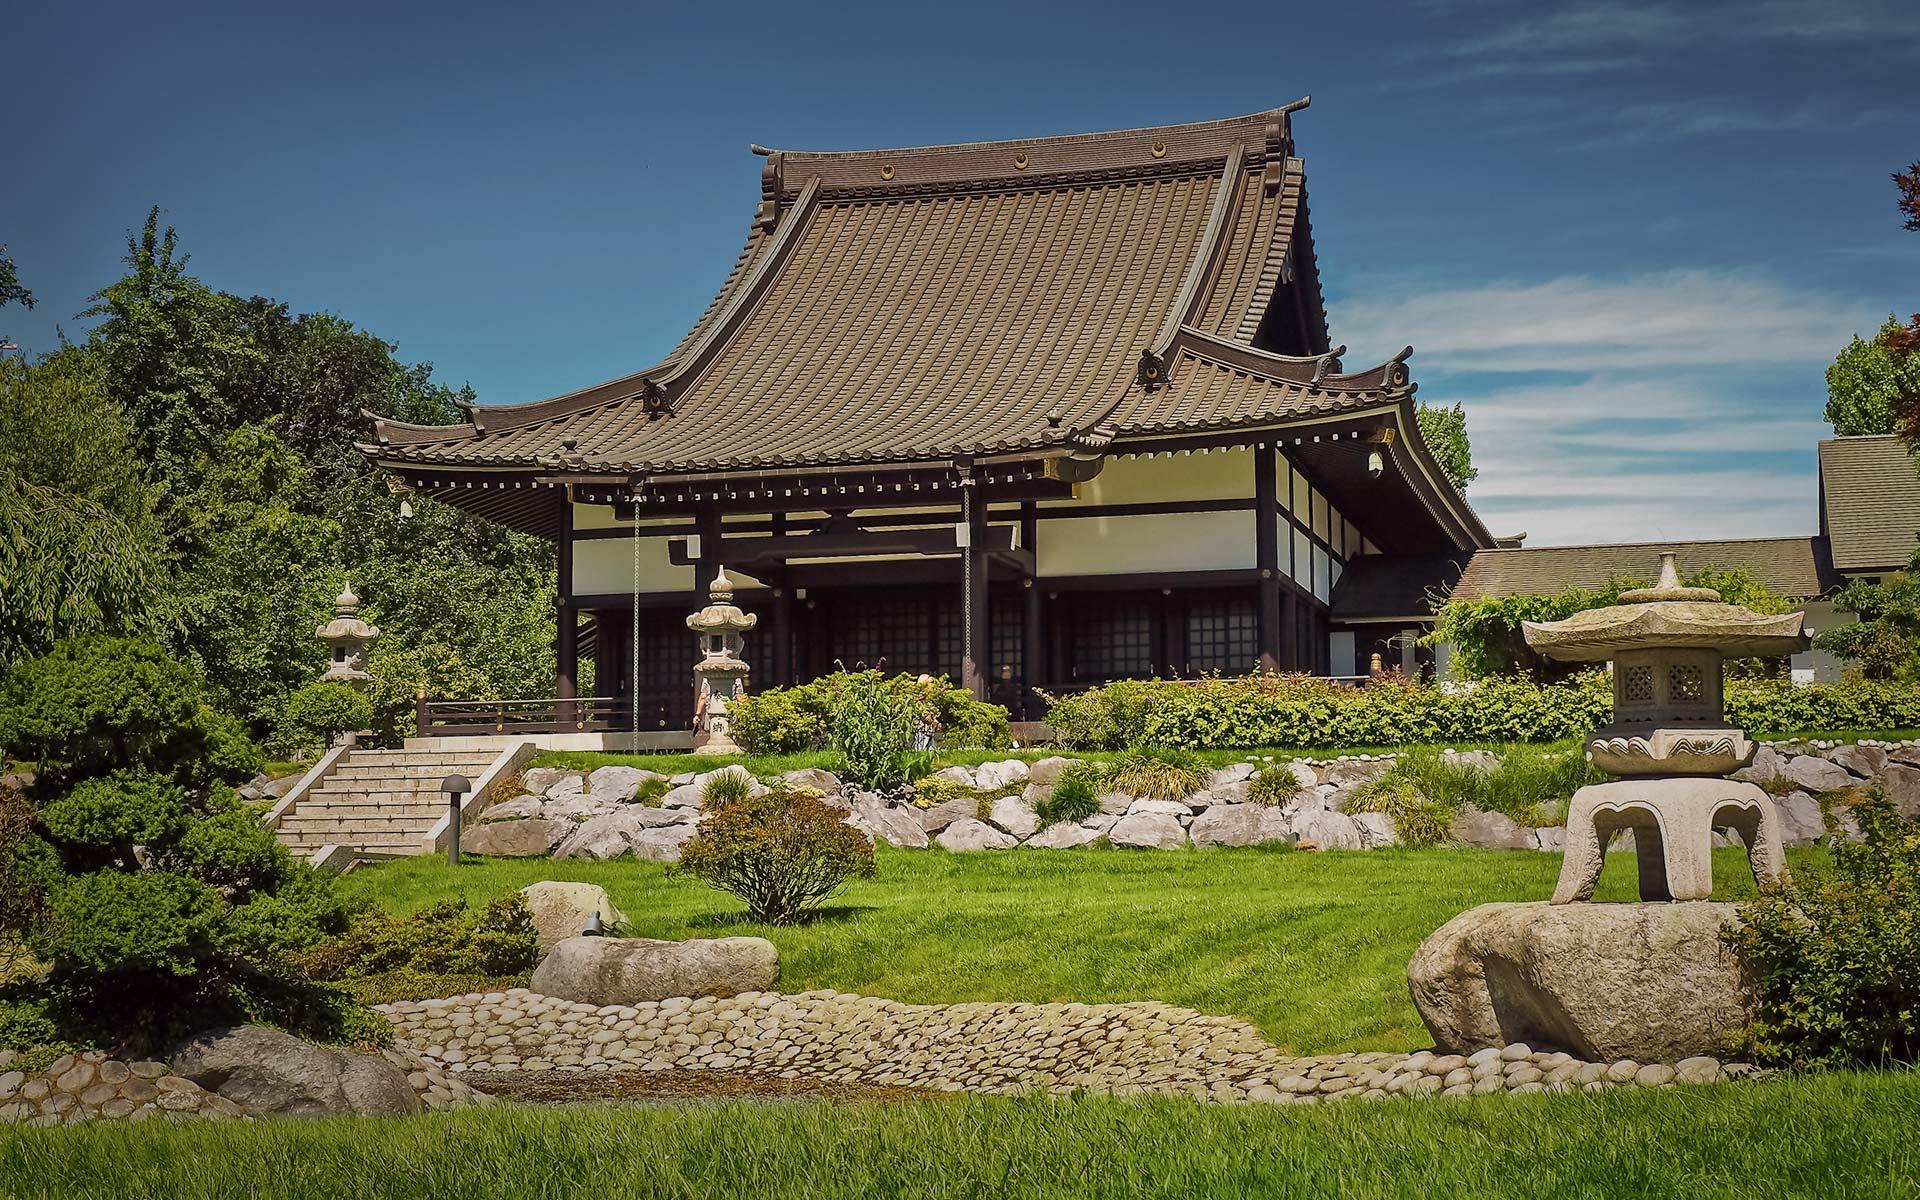 home_garden2_slider_slide2.jpg